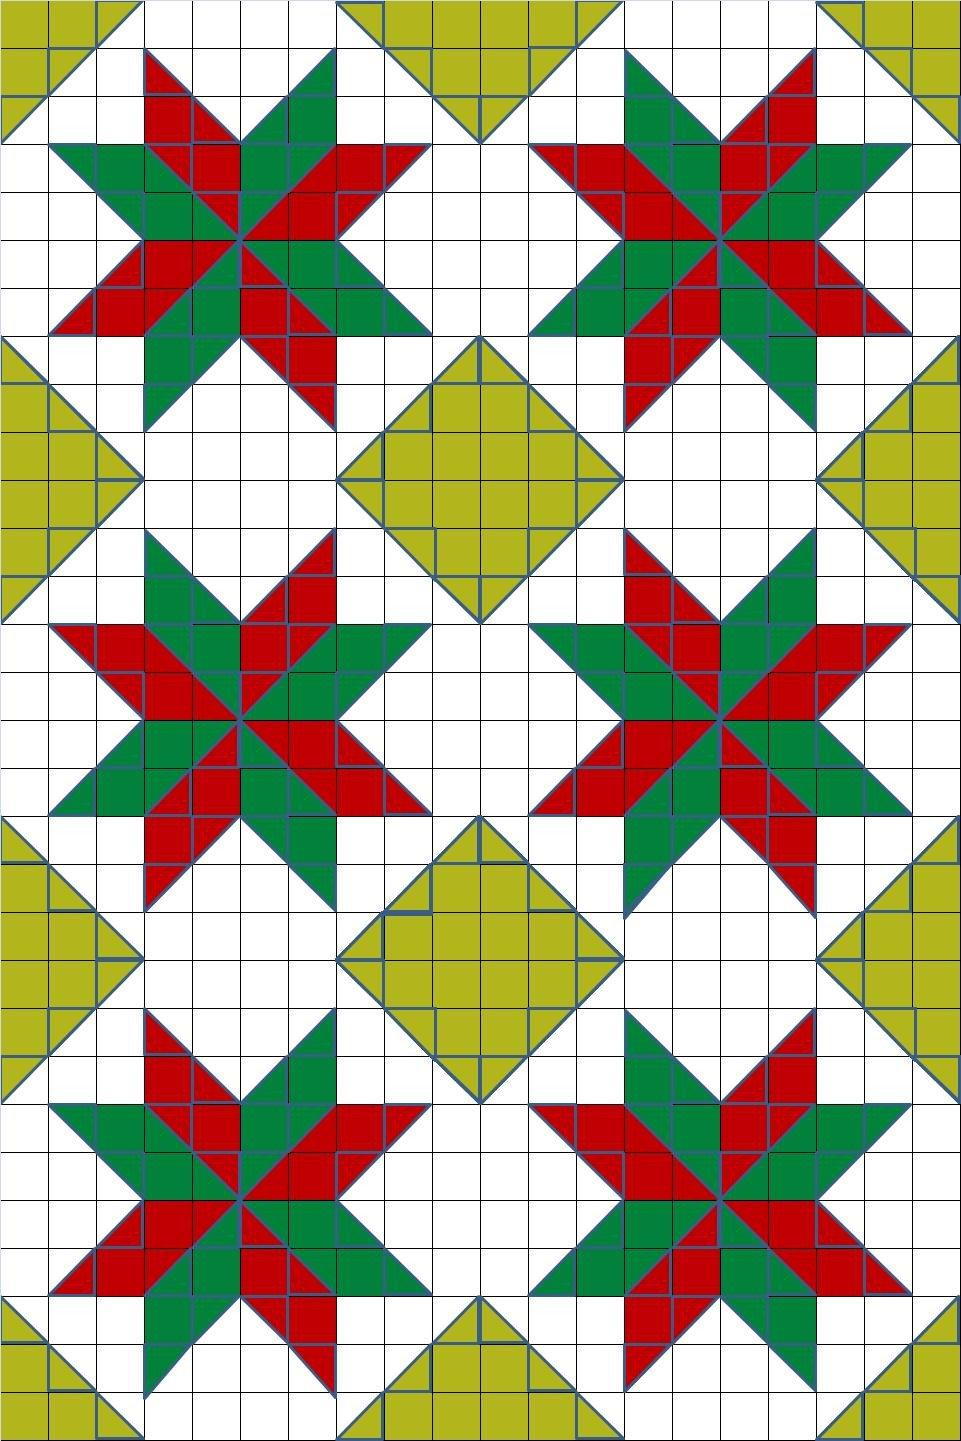 Lemoyne Star Template New Design Christmas Lemoyne Star Crochet Quilt